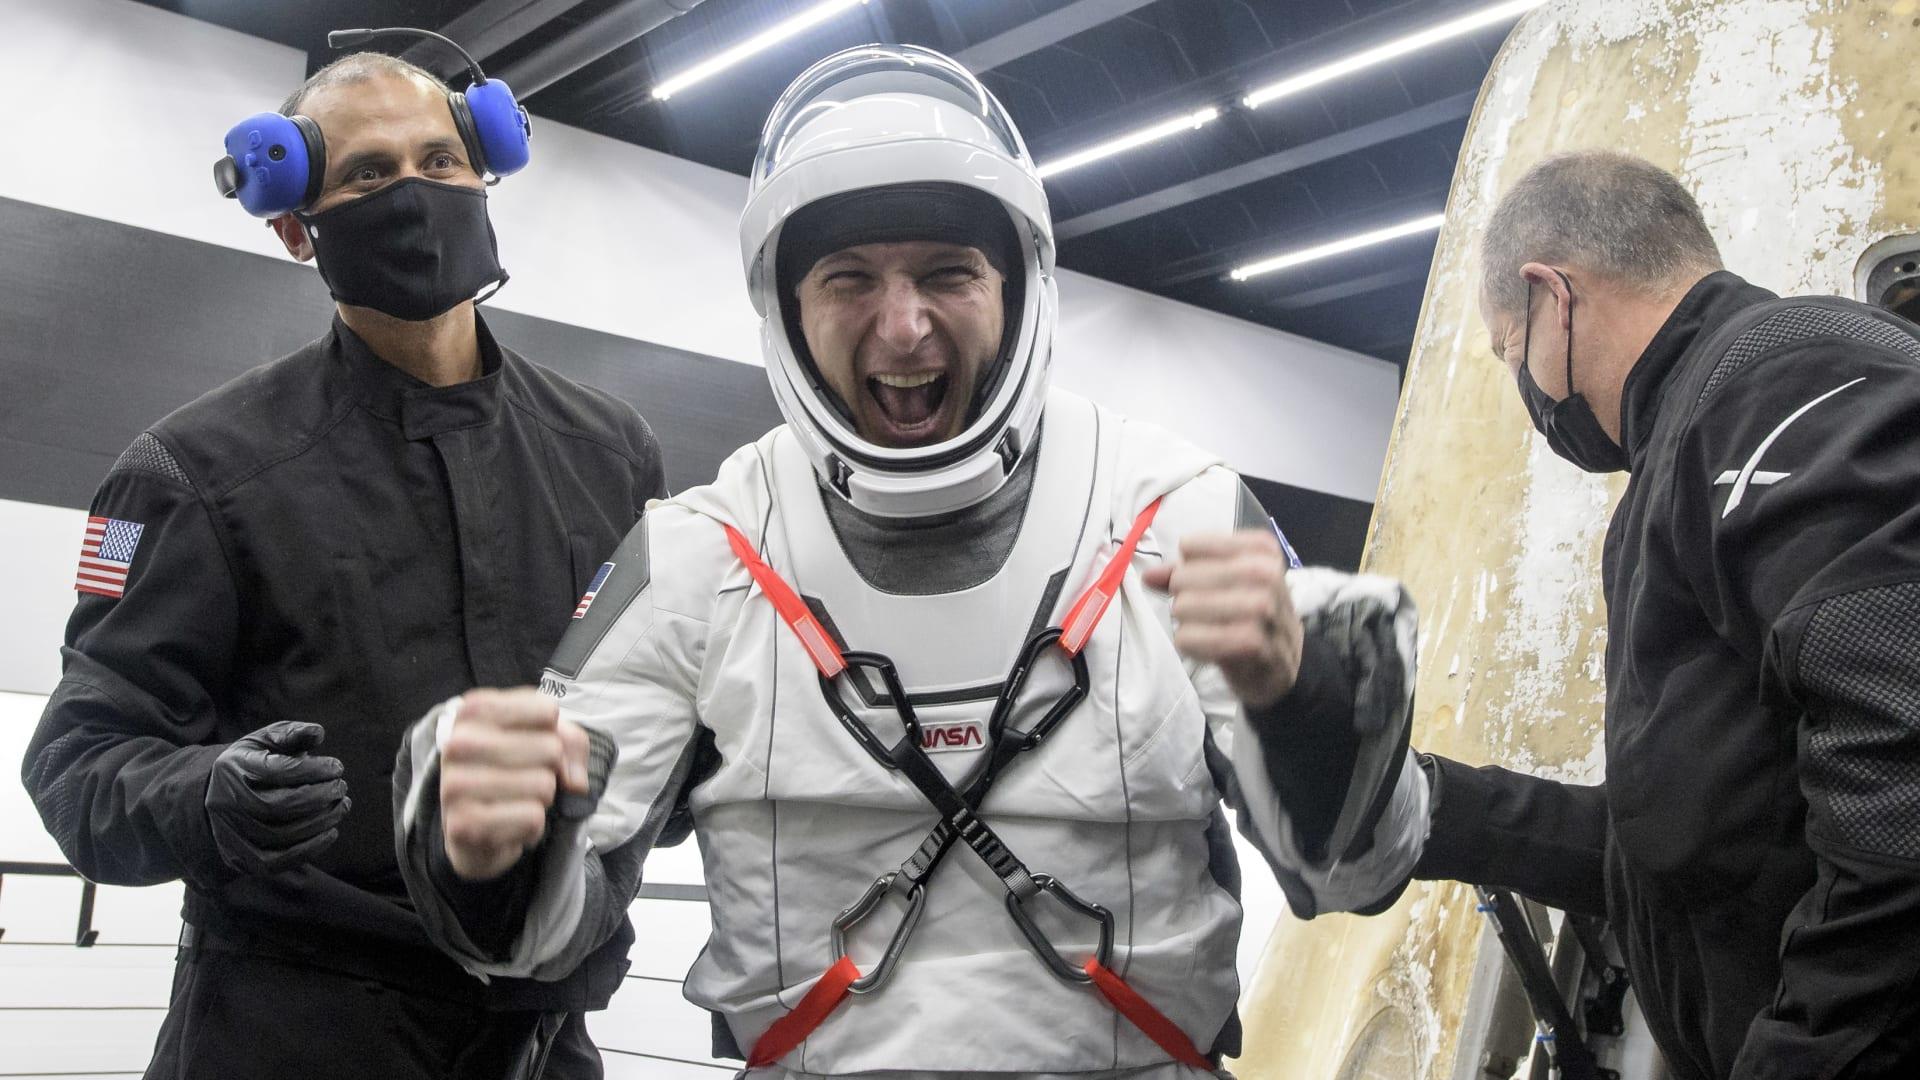 """شاهد.. عودة مركبة """"سبيس إكس"""" إلى الأرض بداخلها 4 رواد فضاء"""